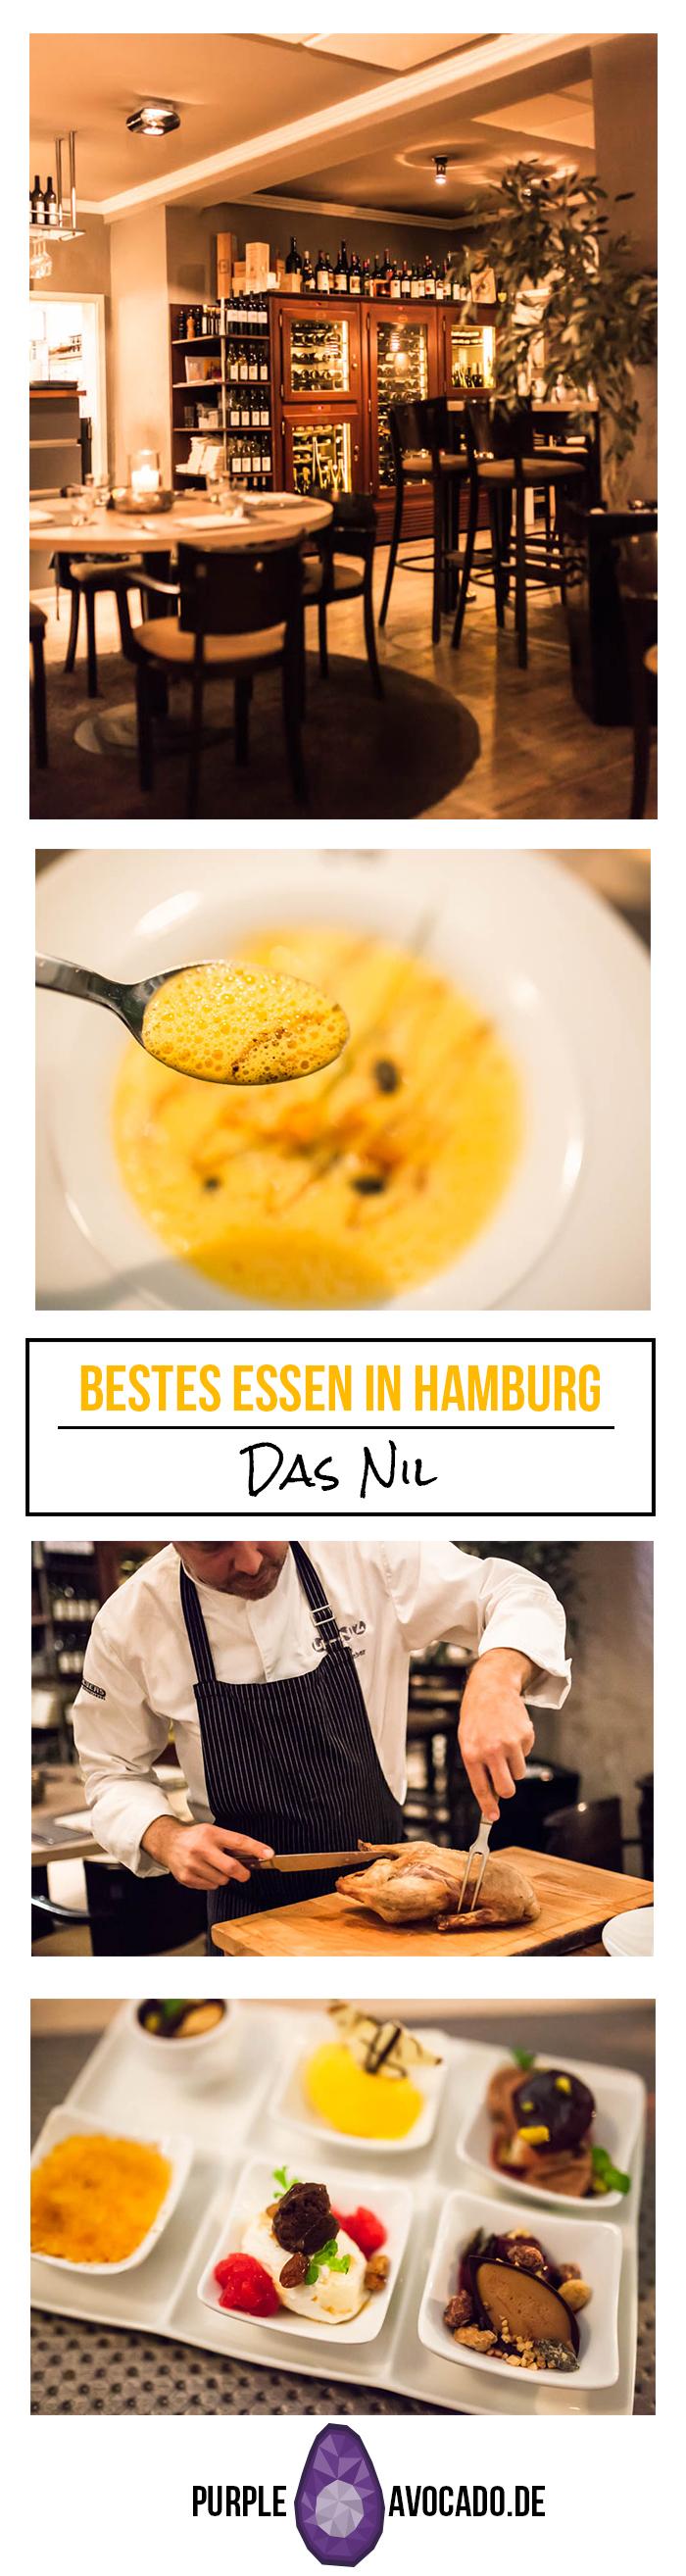 Die besten Restaurants in Hamburg – Das Restaurant Lenz kann sich mit seiner grandiosen Vierländer Ente problemlos mit einreihen. Die fantastische, traditionelle Deutsche Küche in familiärer, gemütlicher Atmosphäre ist die kleine Reise wert. #restaurants #hamburg #deutschland #tipps #reisen #empfehlungen #guide